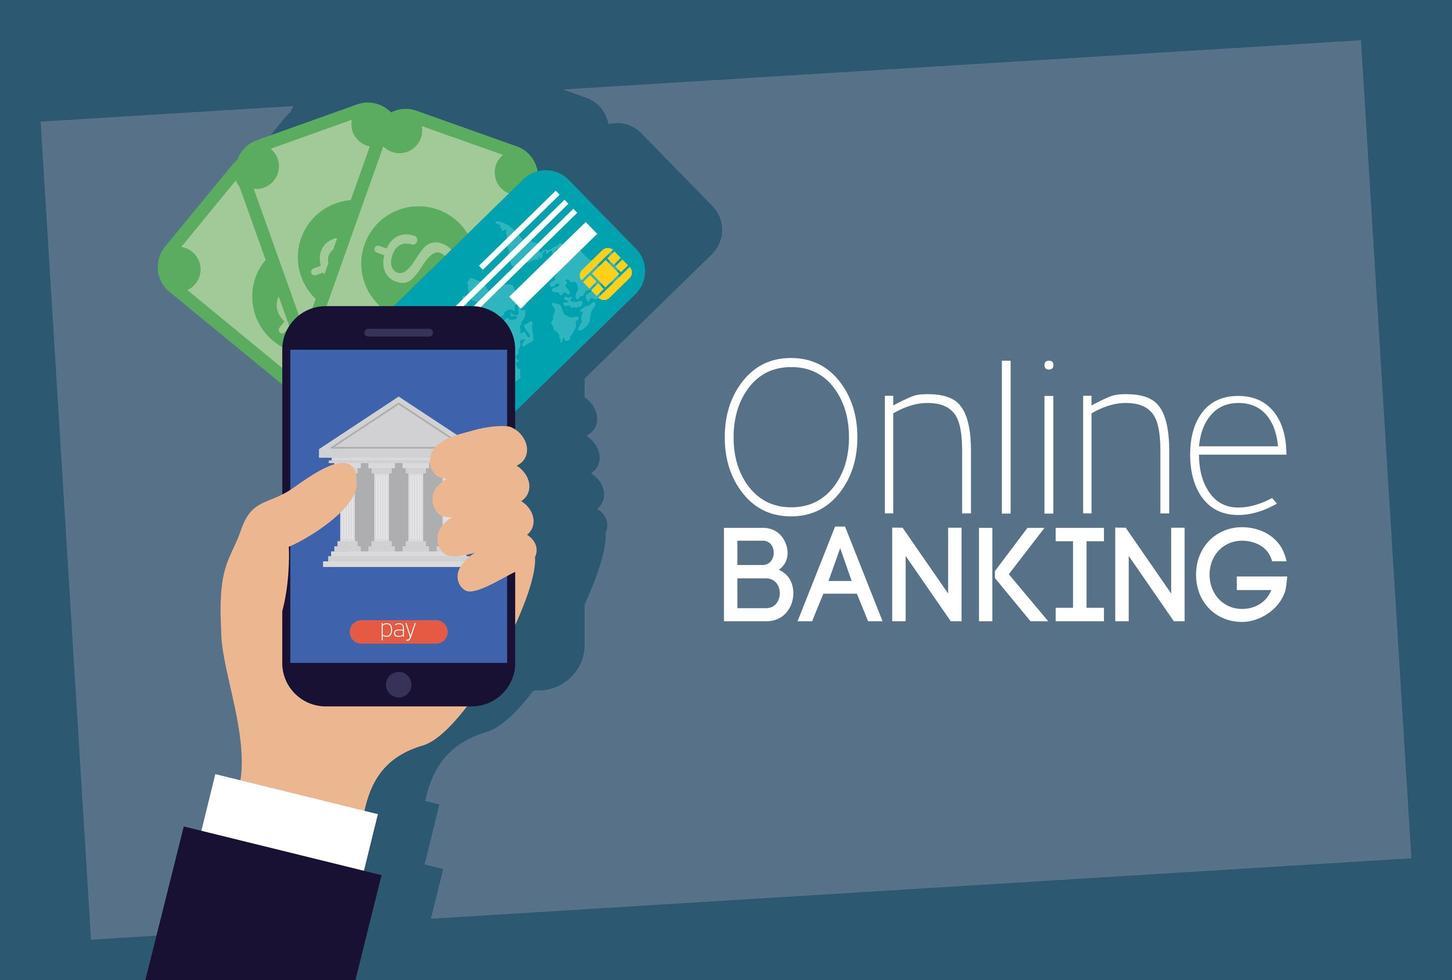 tecnologia de banco online com smartphone vetor